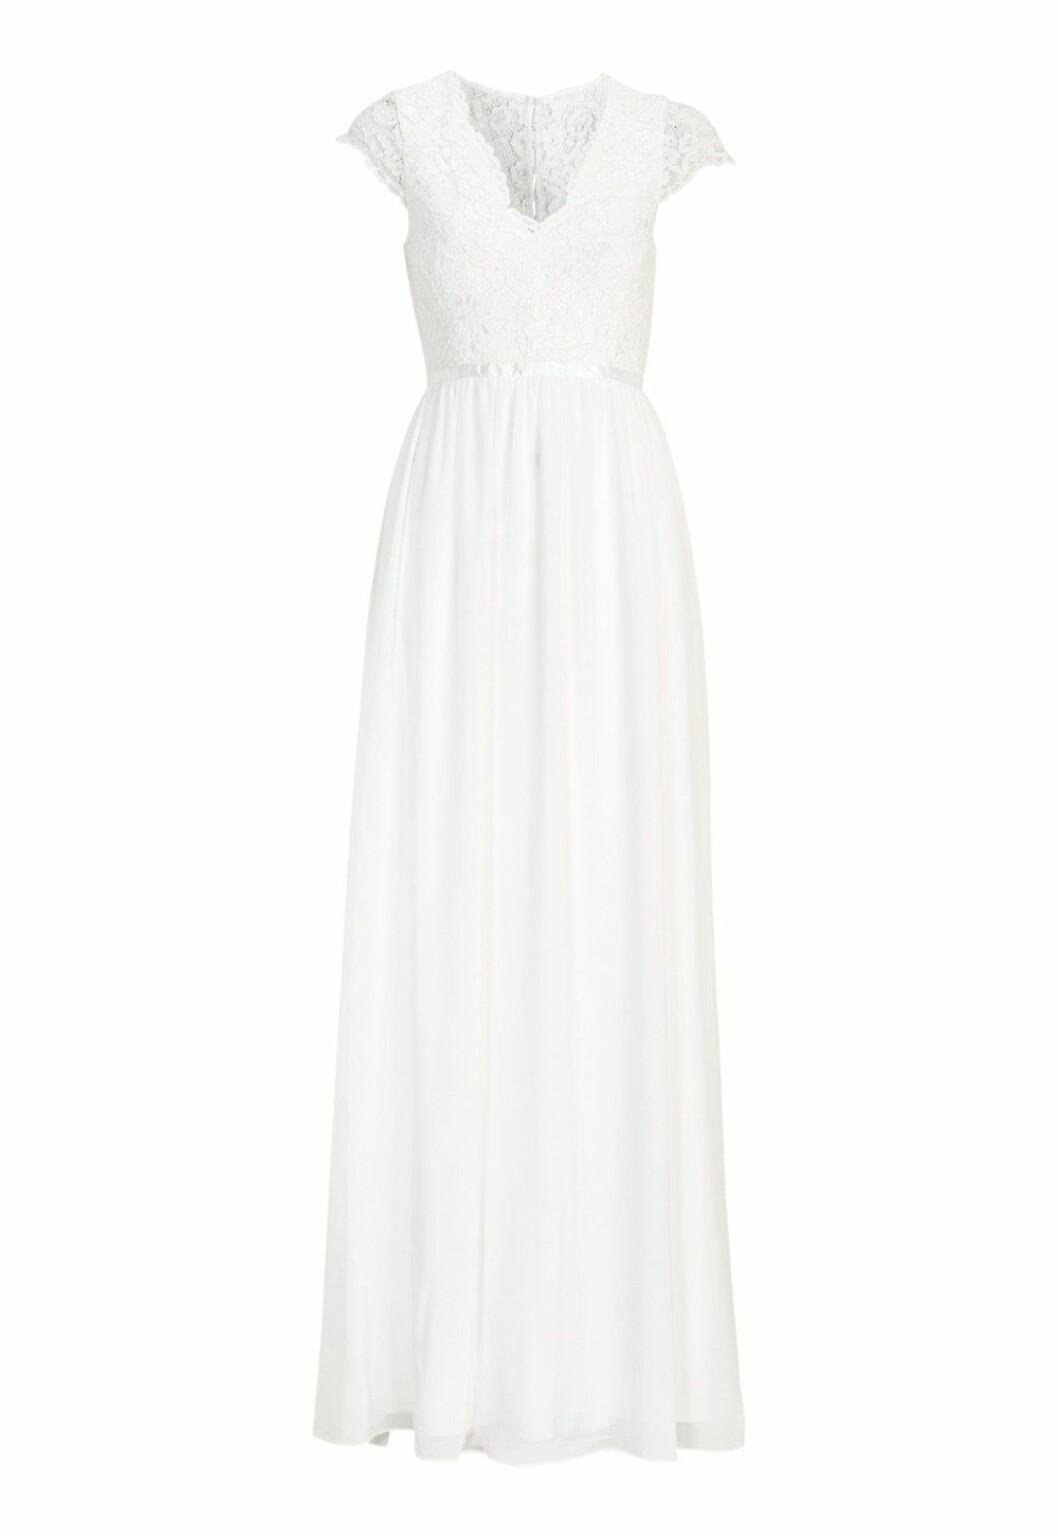 Billig brudklänning med spets och öppen rygg till 2019